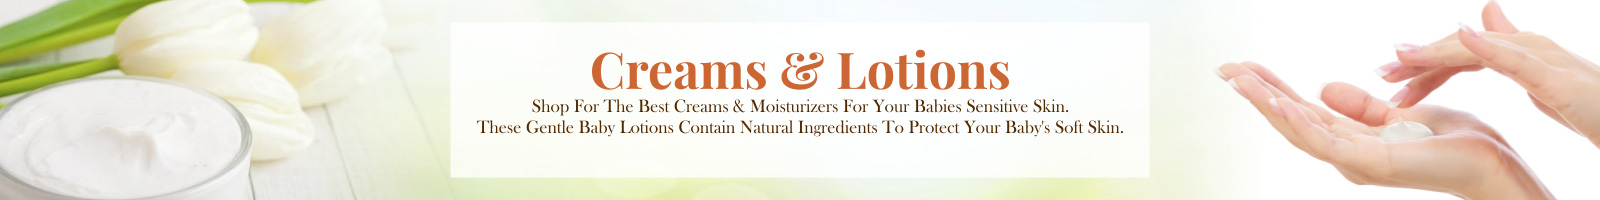 Creams & Lotions